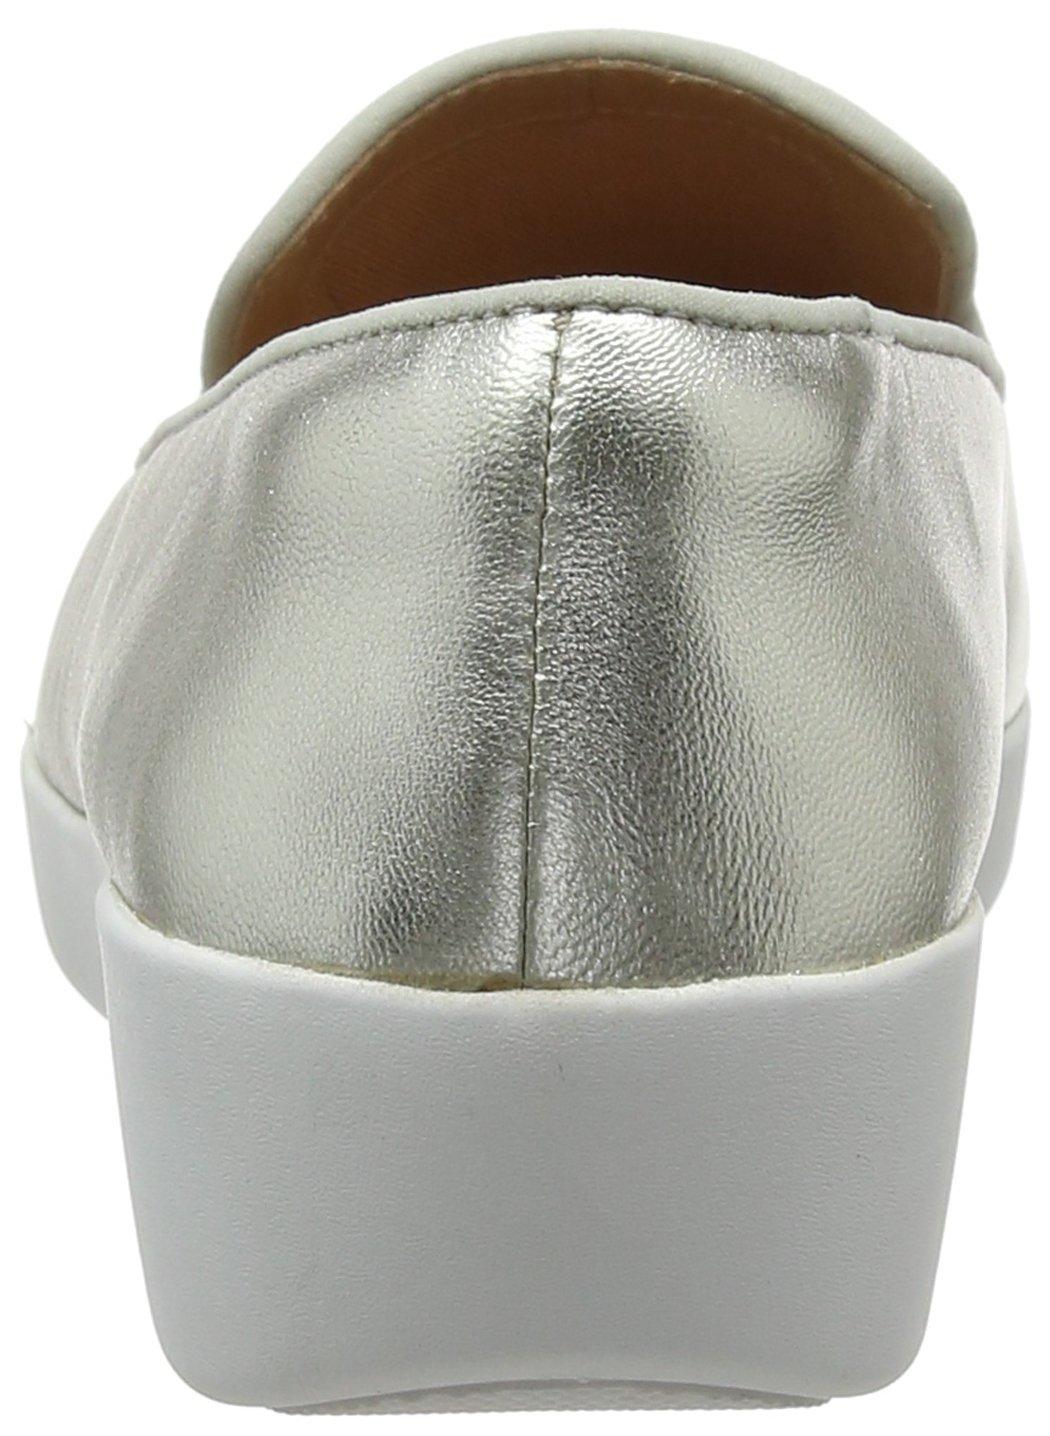 FitFlop Damen Slipper Audrey Metallic Smoking Slippers Slipper Damen Silber (Silver 011) aa35c0